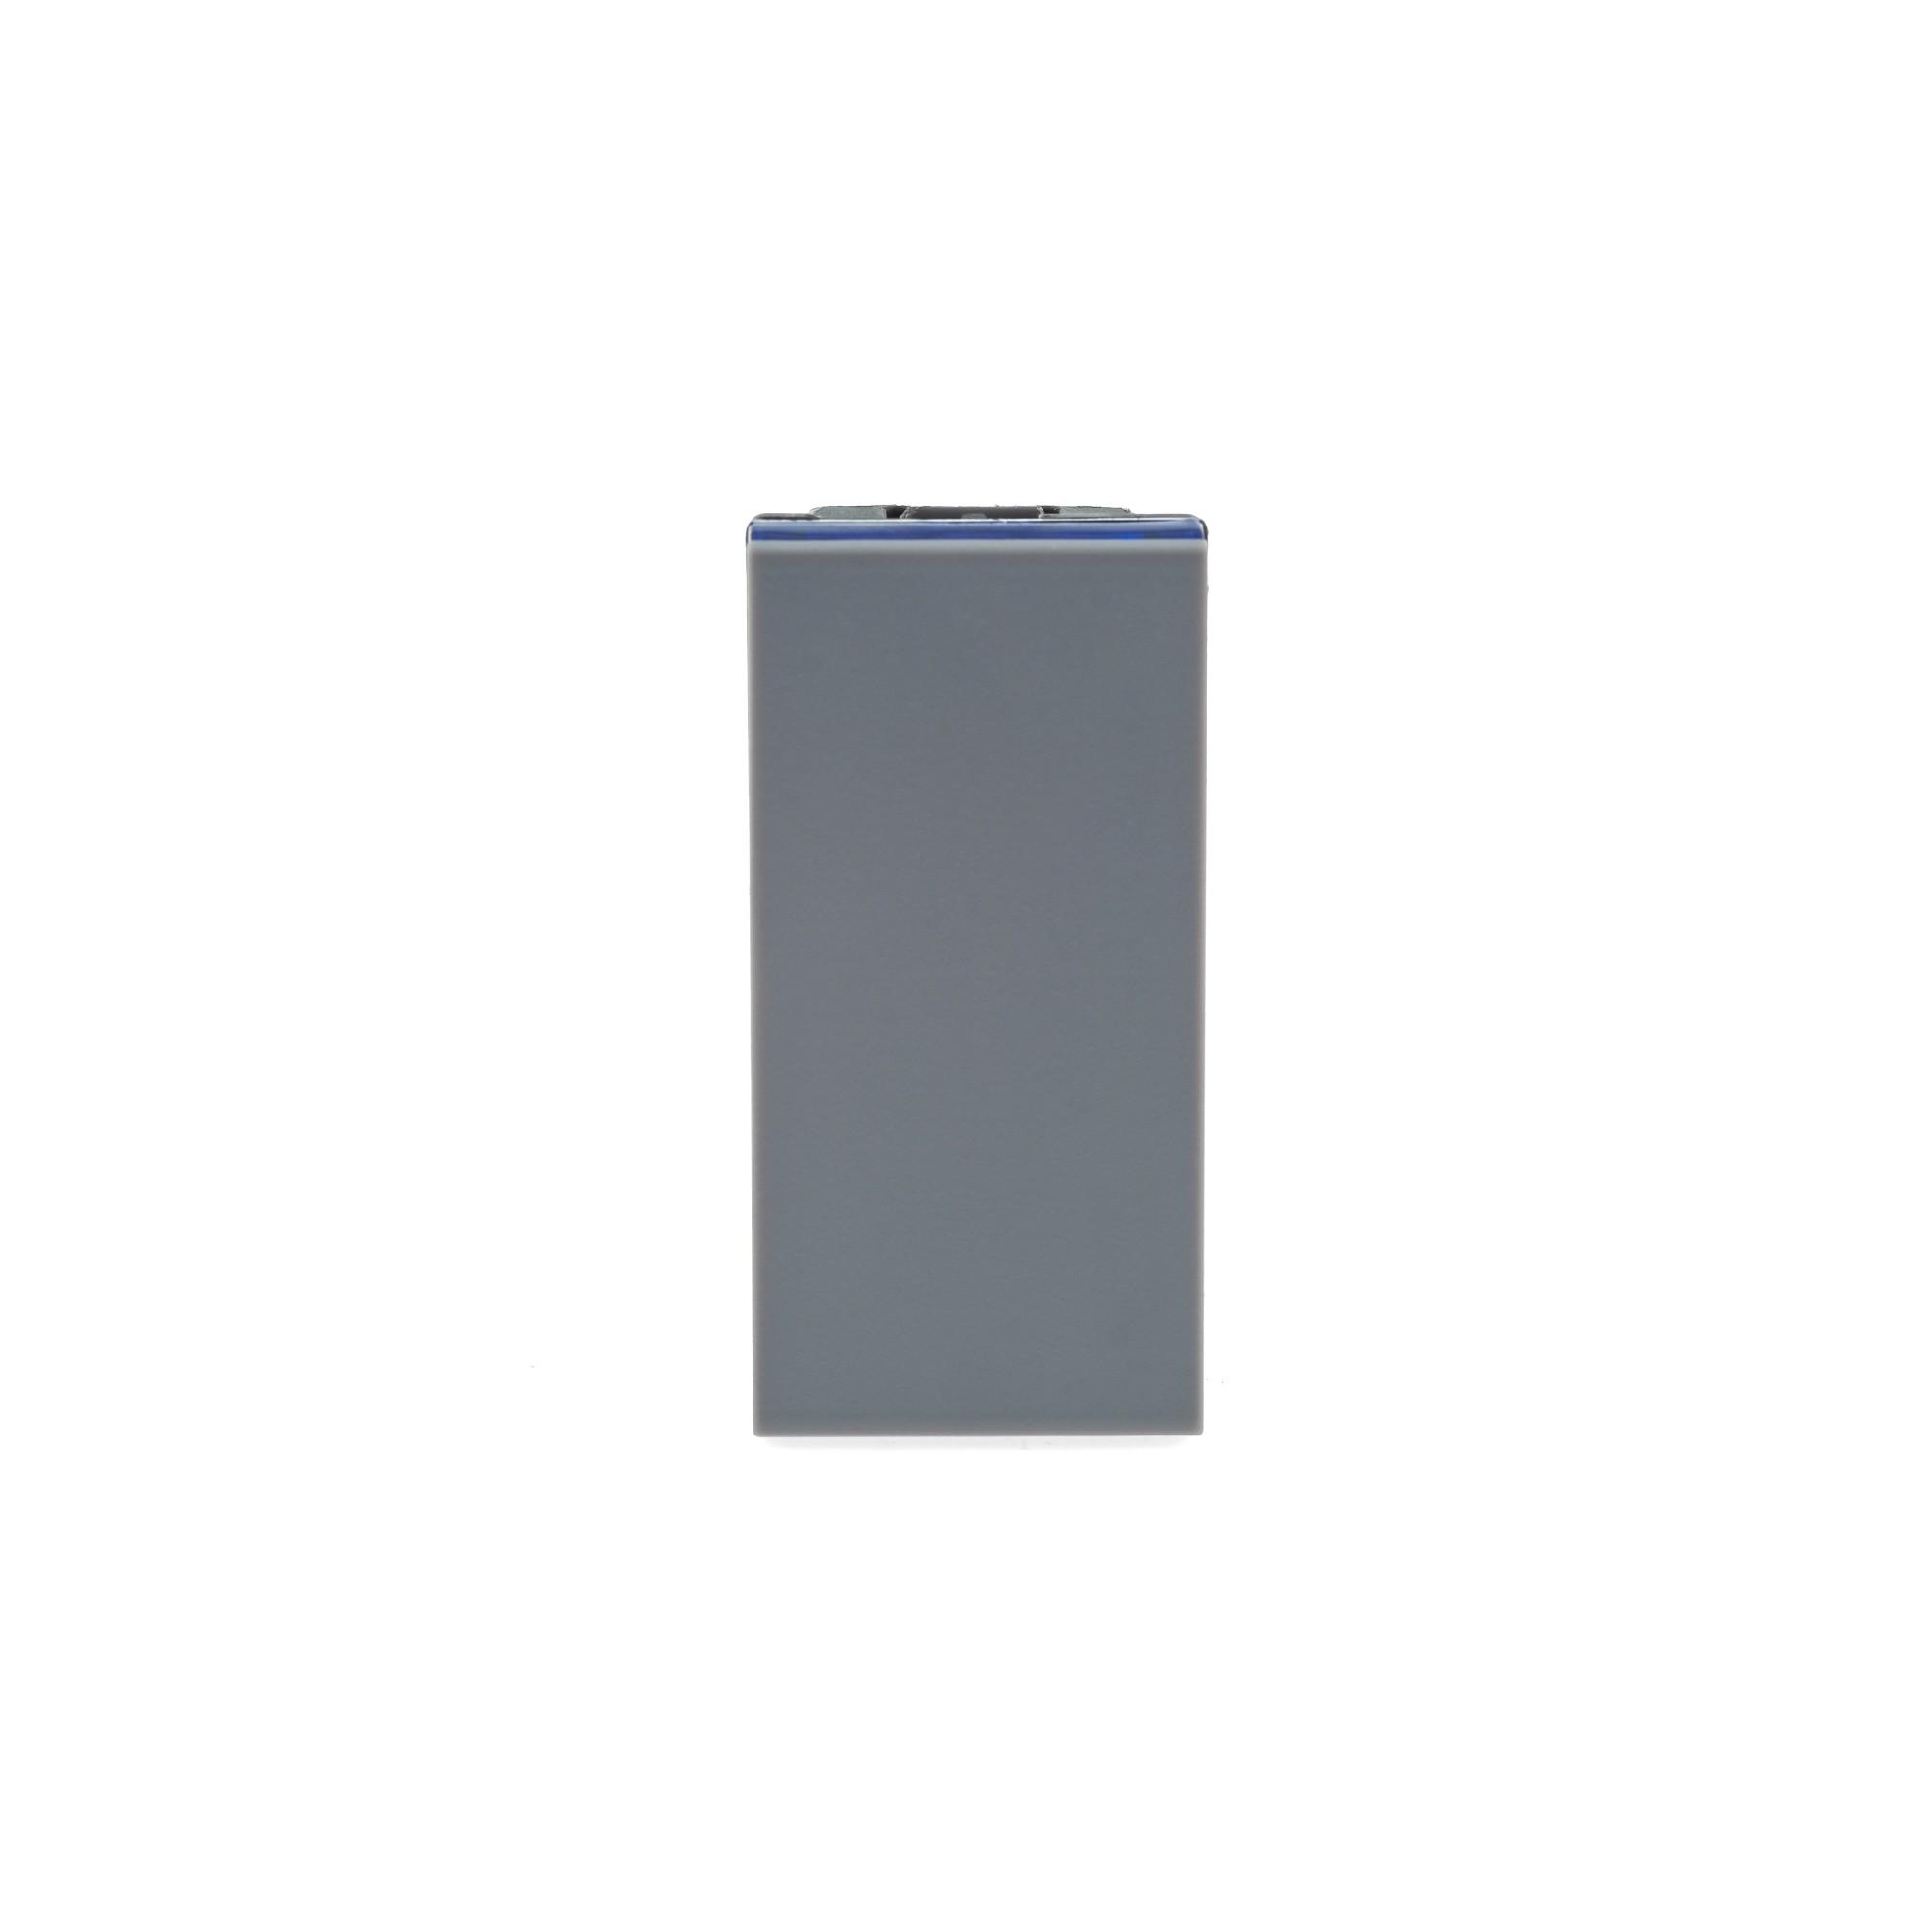 Modulo Interruptor Paralelo 1 Modulo Borne Automatico 10A - Cinza - Plus - Legrand